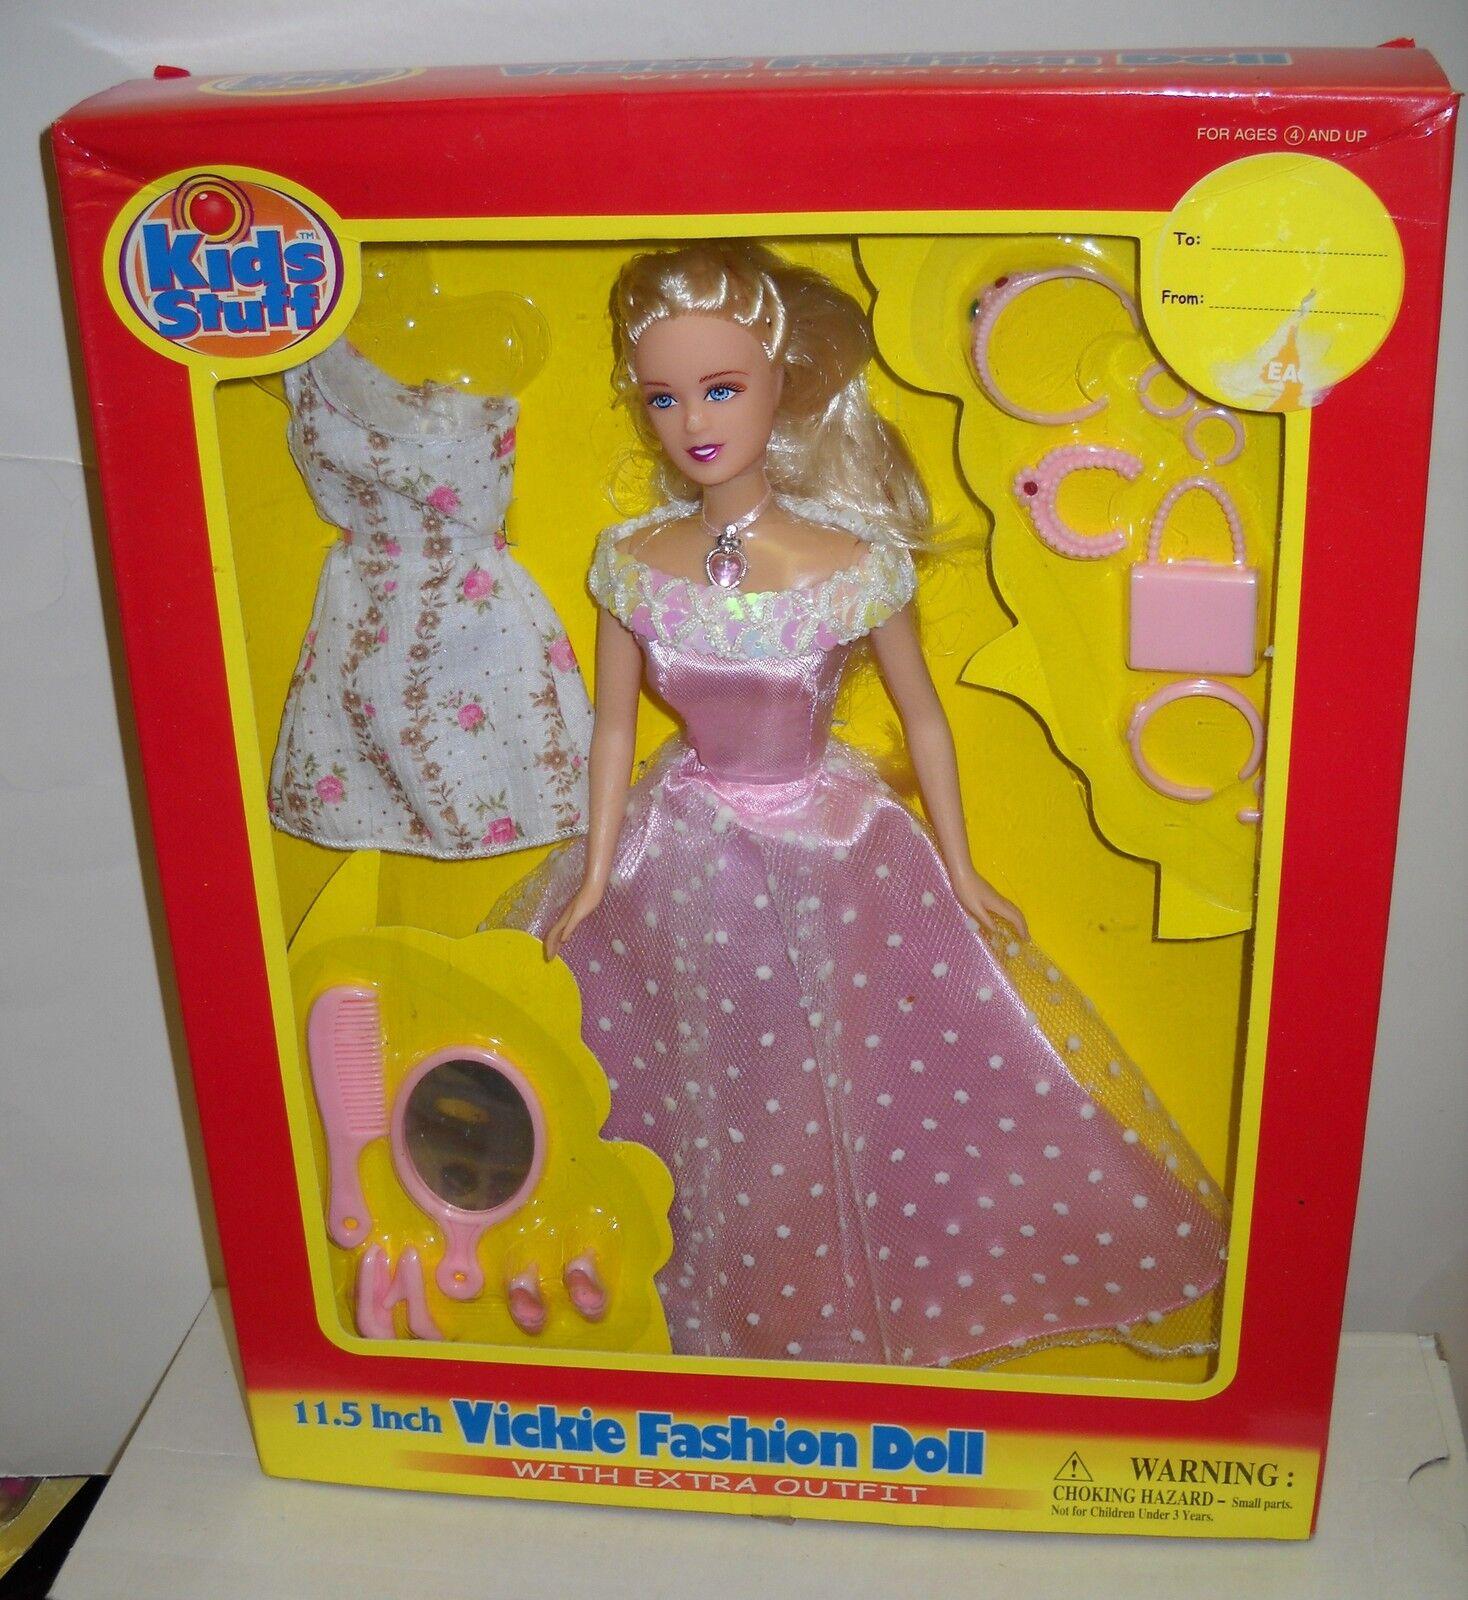 Nunca quitado de la Caja Kids Stuff 11.5  Vickie moda muñeca en rosadodo con extra de moda